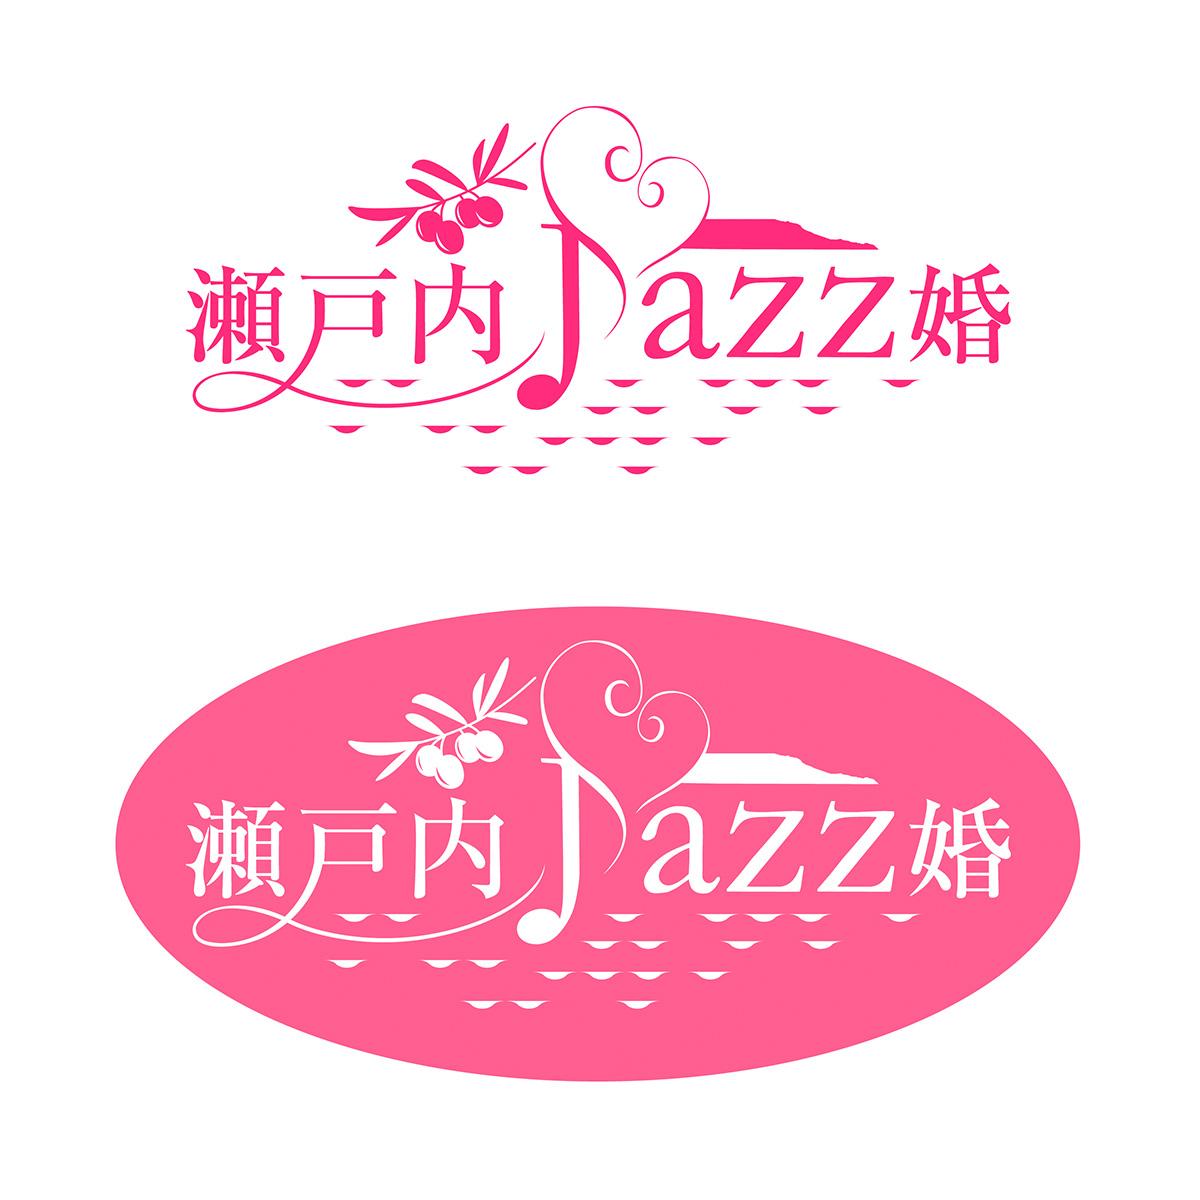 瀬戸内Jazz婚 ロゴマーク